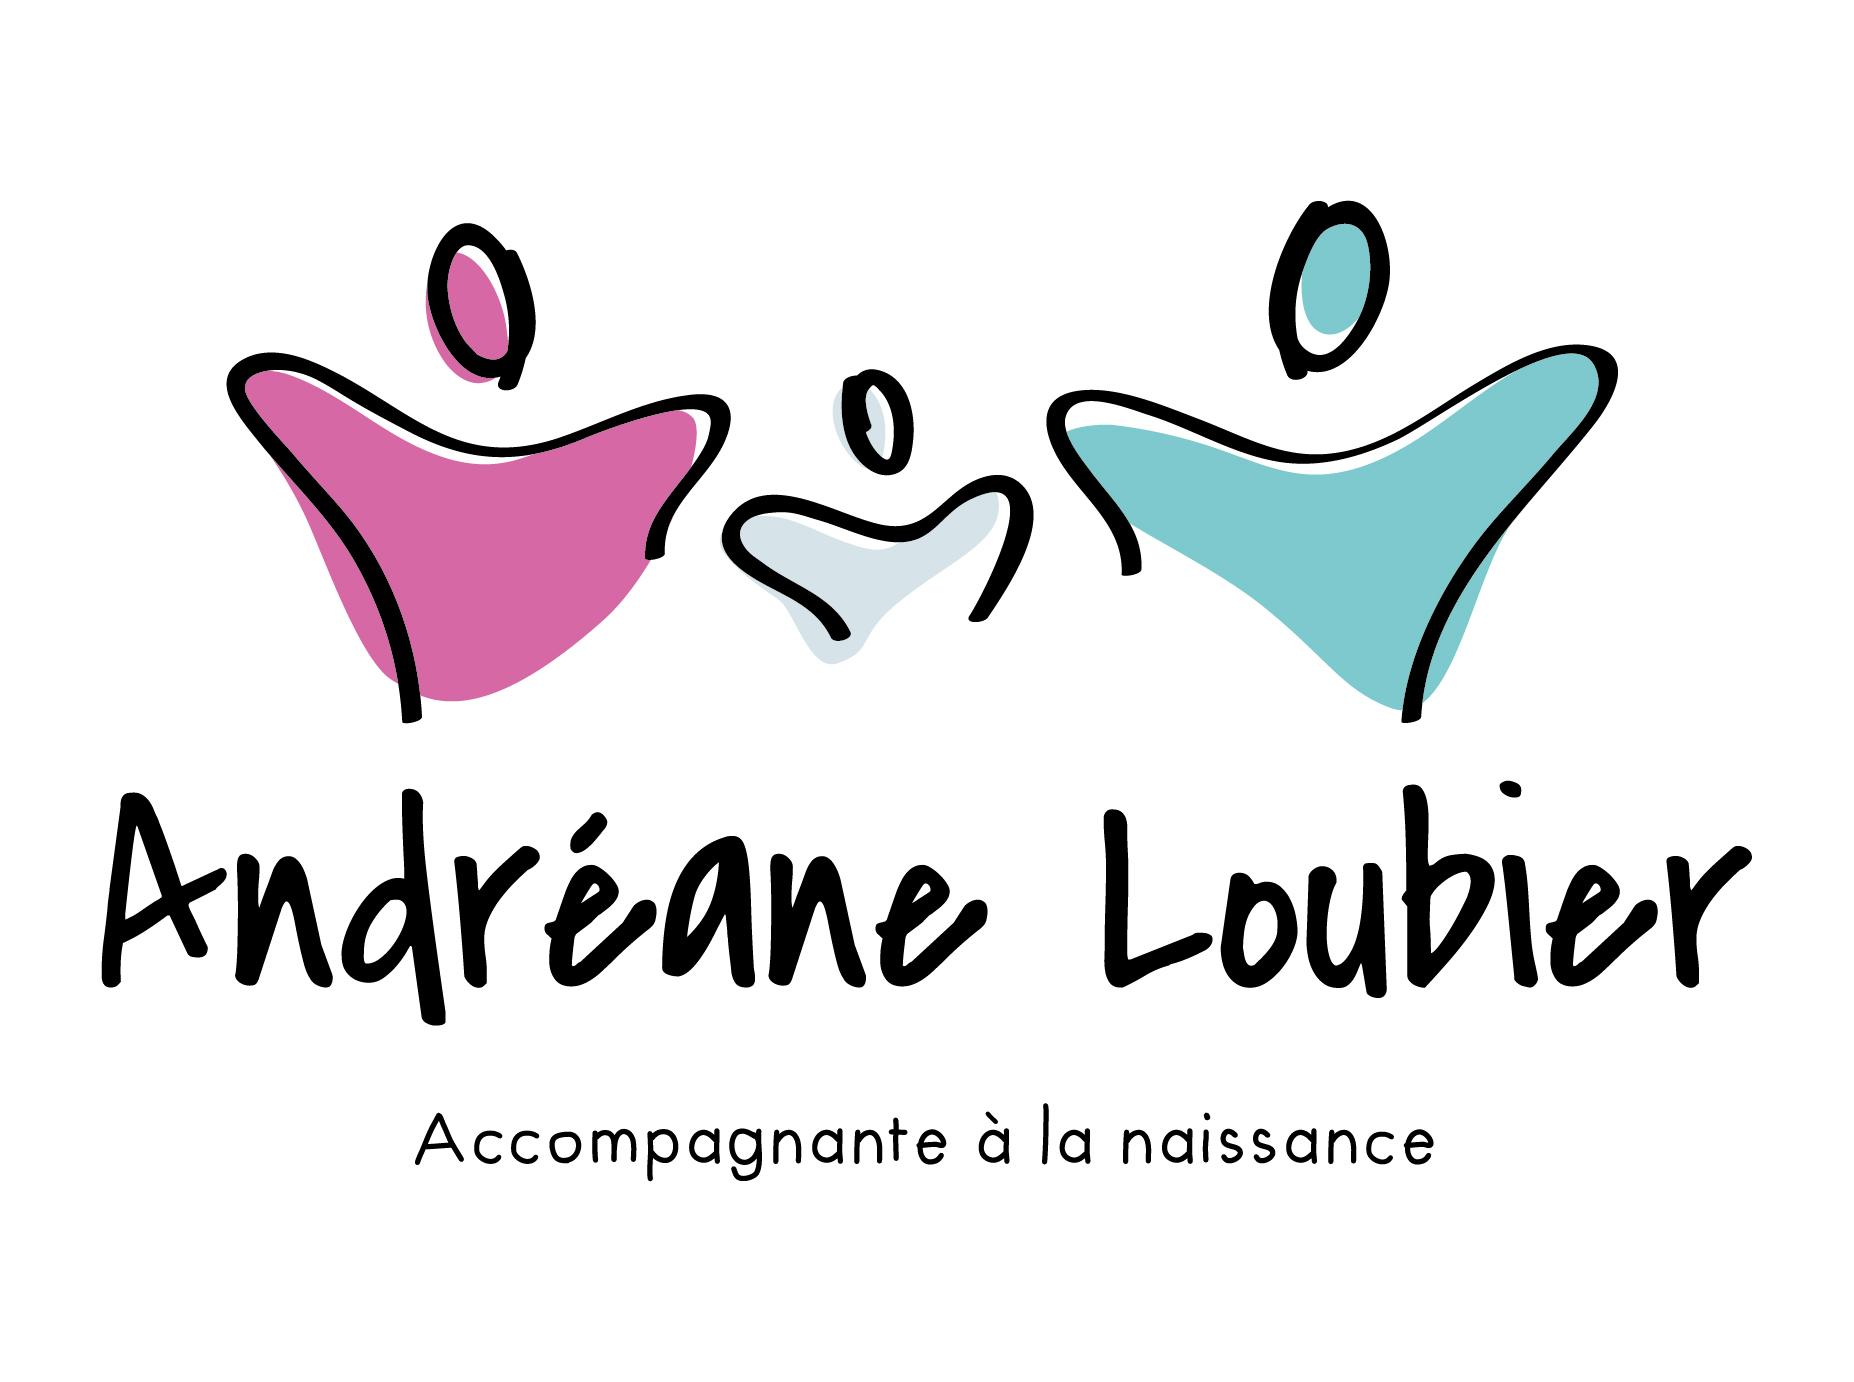 Andréane Loubier